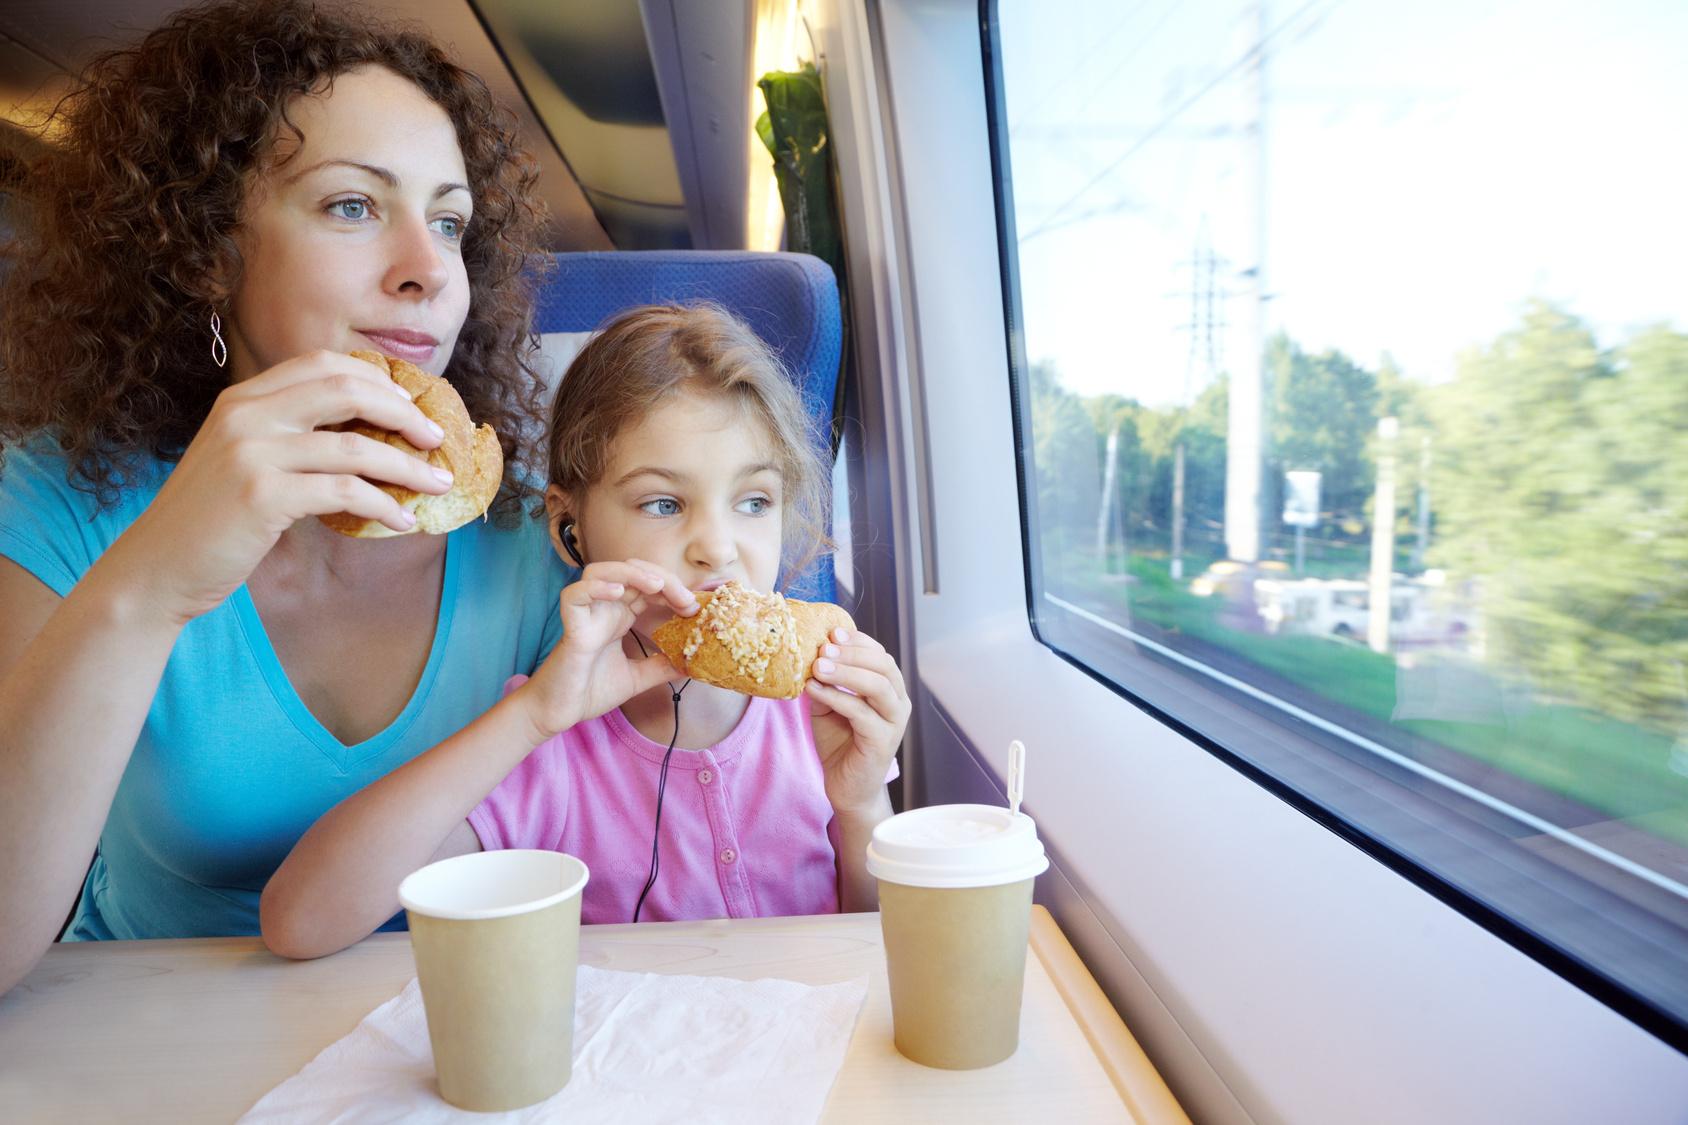 хной что кушать в поезде период